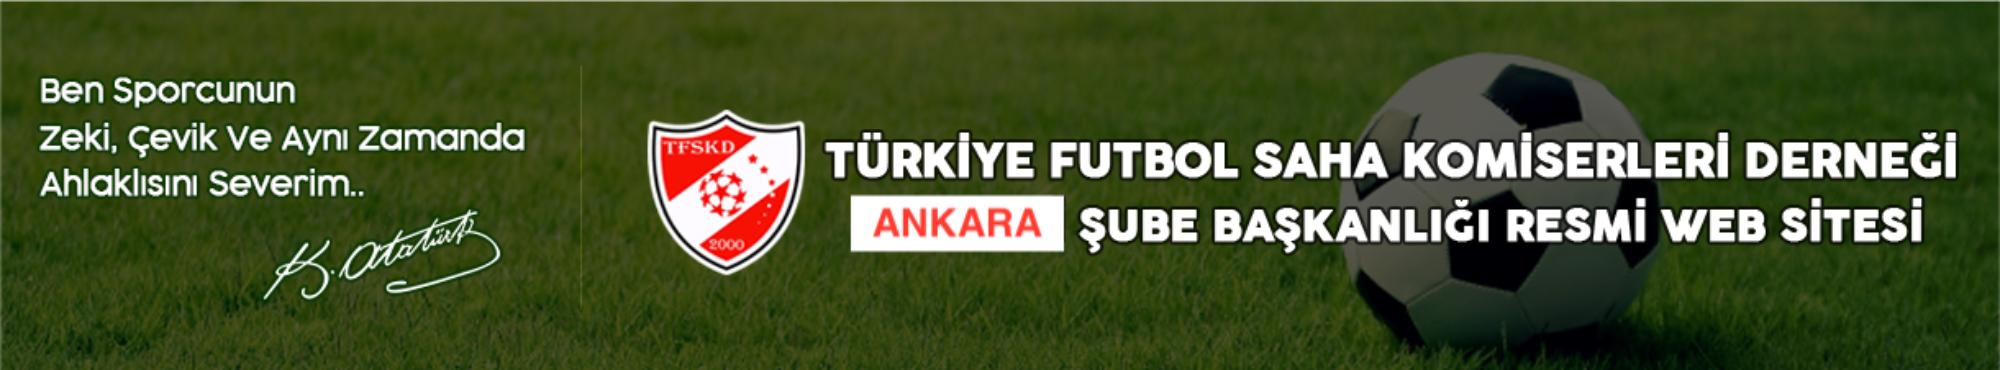 Türkiye Futbol Saha Komiserleri Derneği